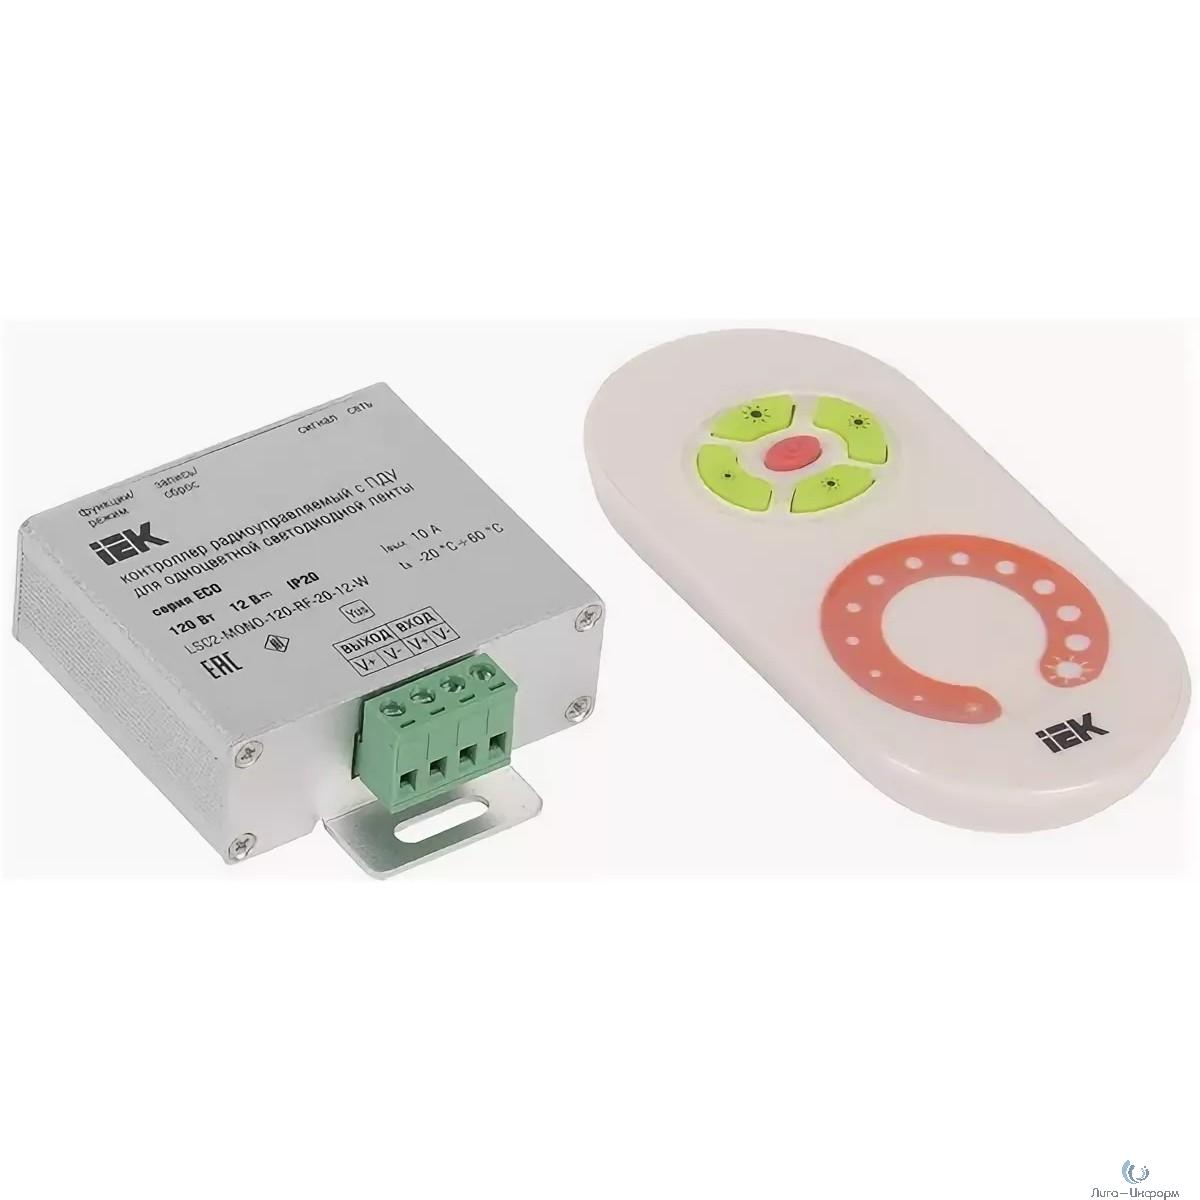 Iek LSC2-MONO-120-RF-20-12-W Контроллер с ПДУ радио (белый) MONO 1 канал 12В, 10А, 120Вт IEK-eco